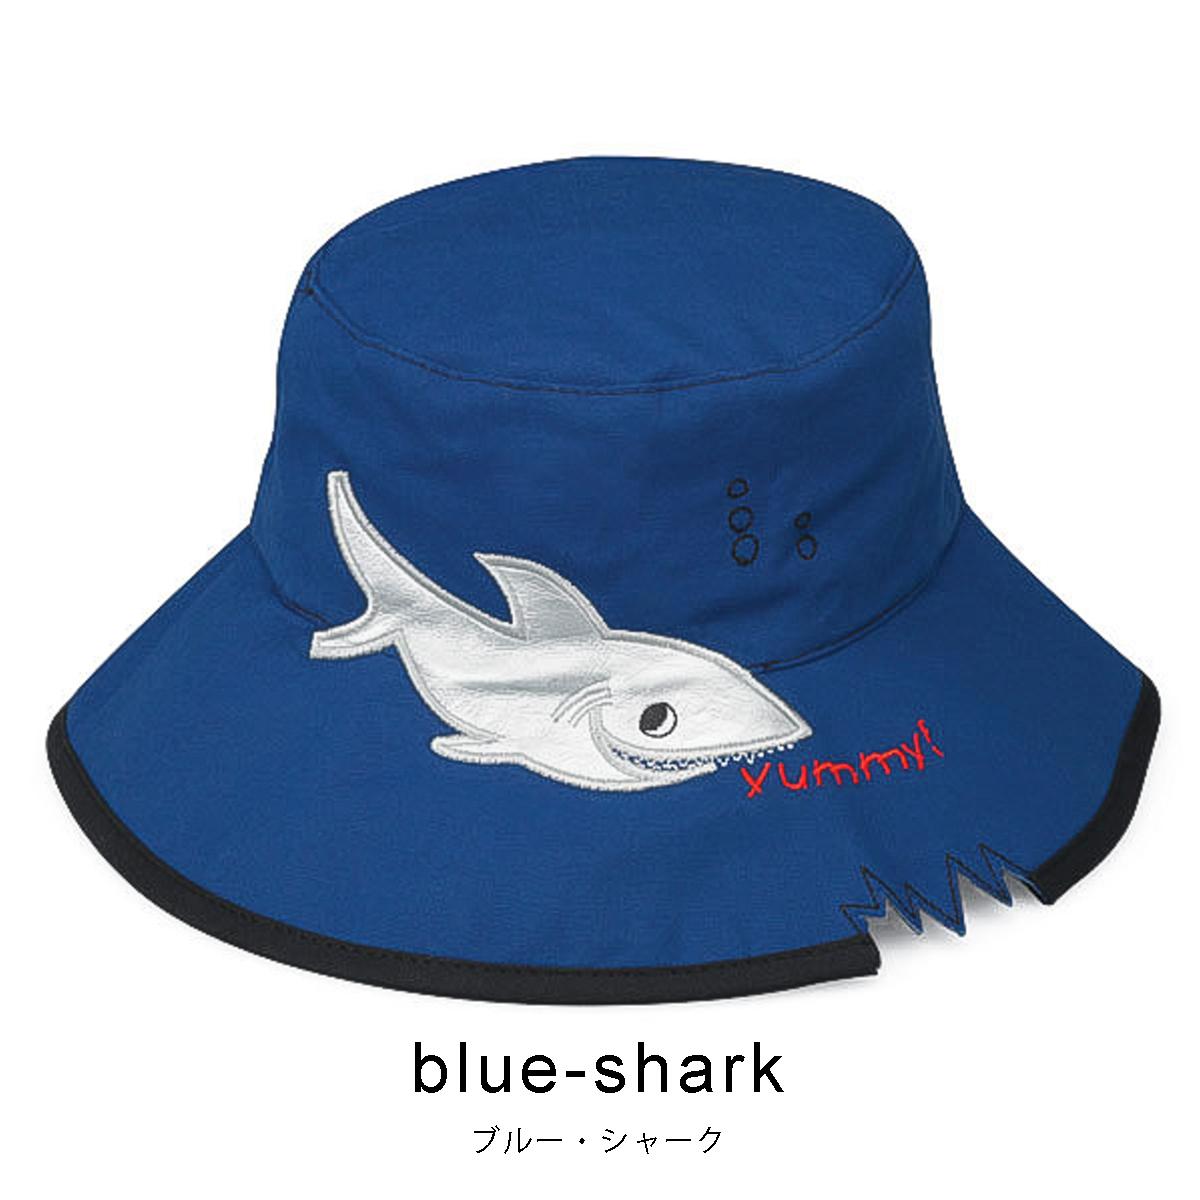 CROCODILE & SHARK & DINOSOR~クロコダイル&シャーク&ダイナソー~